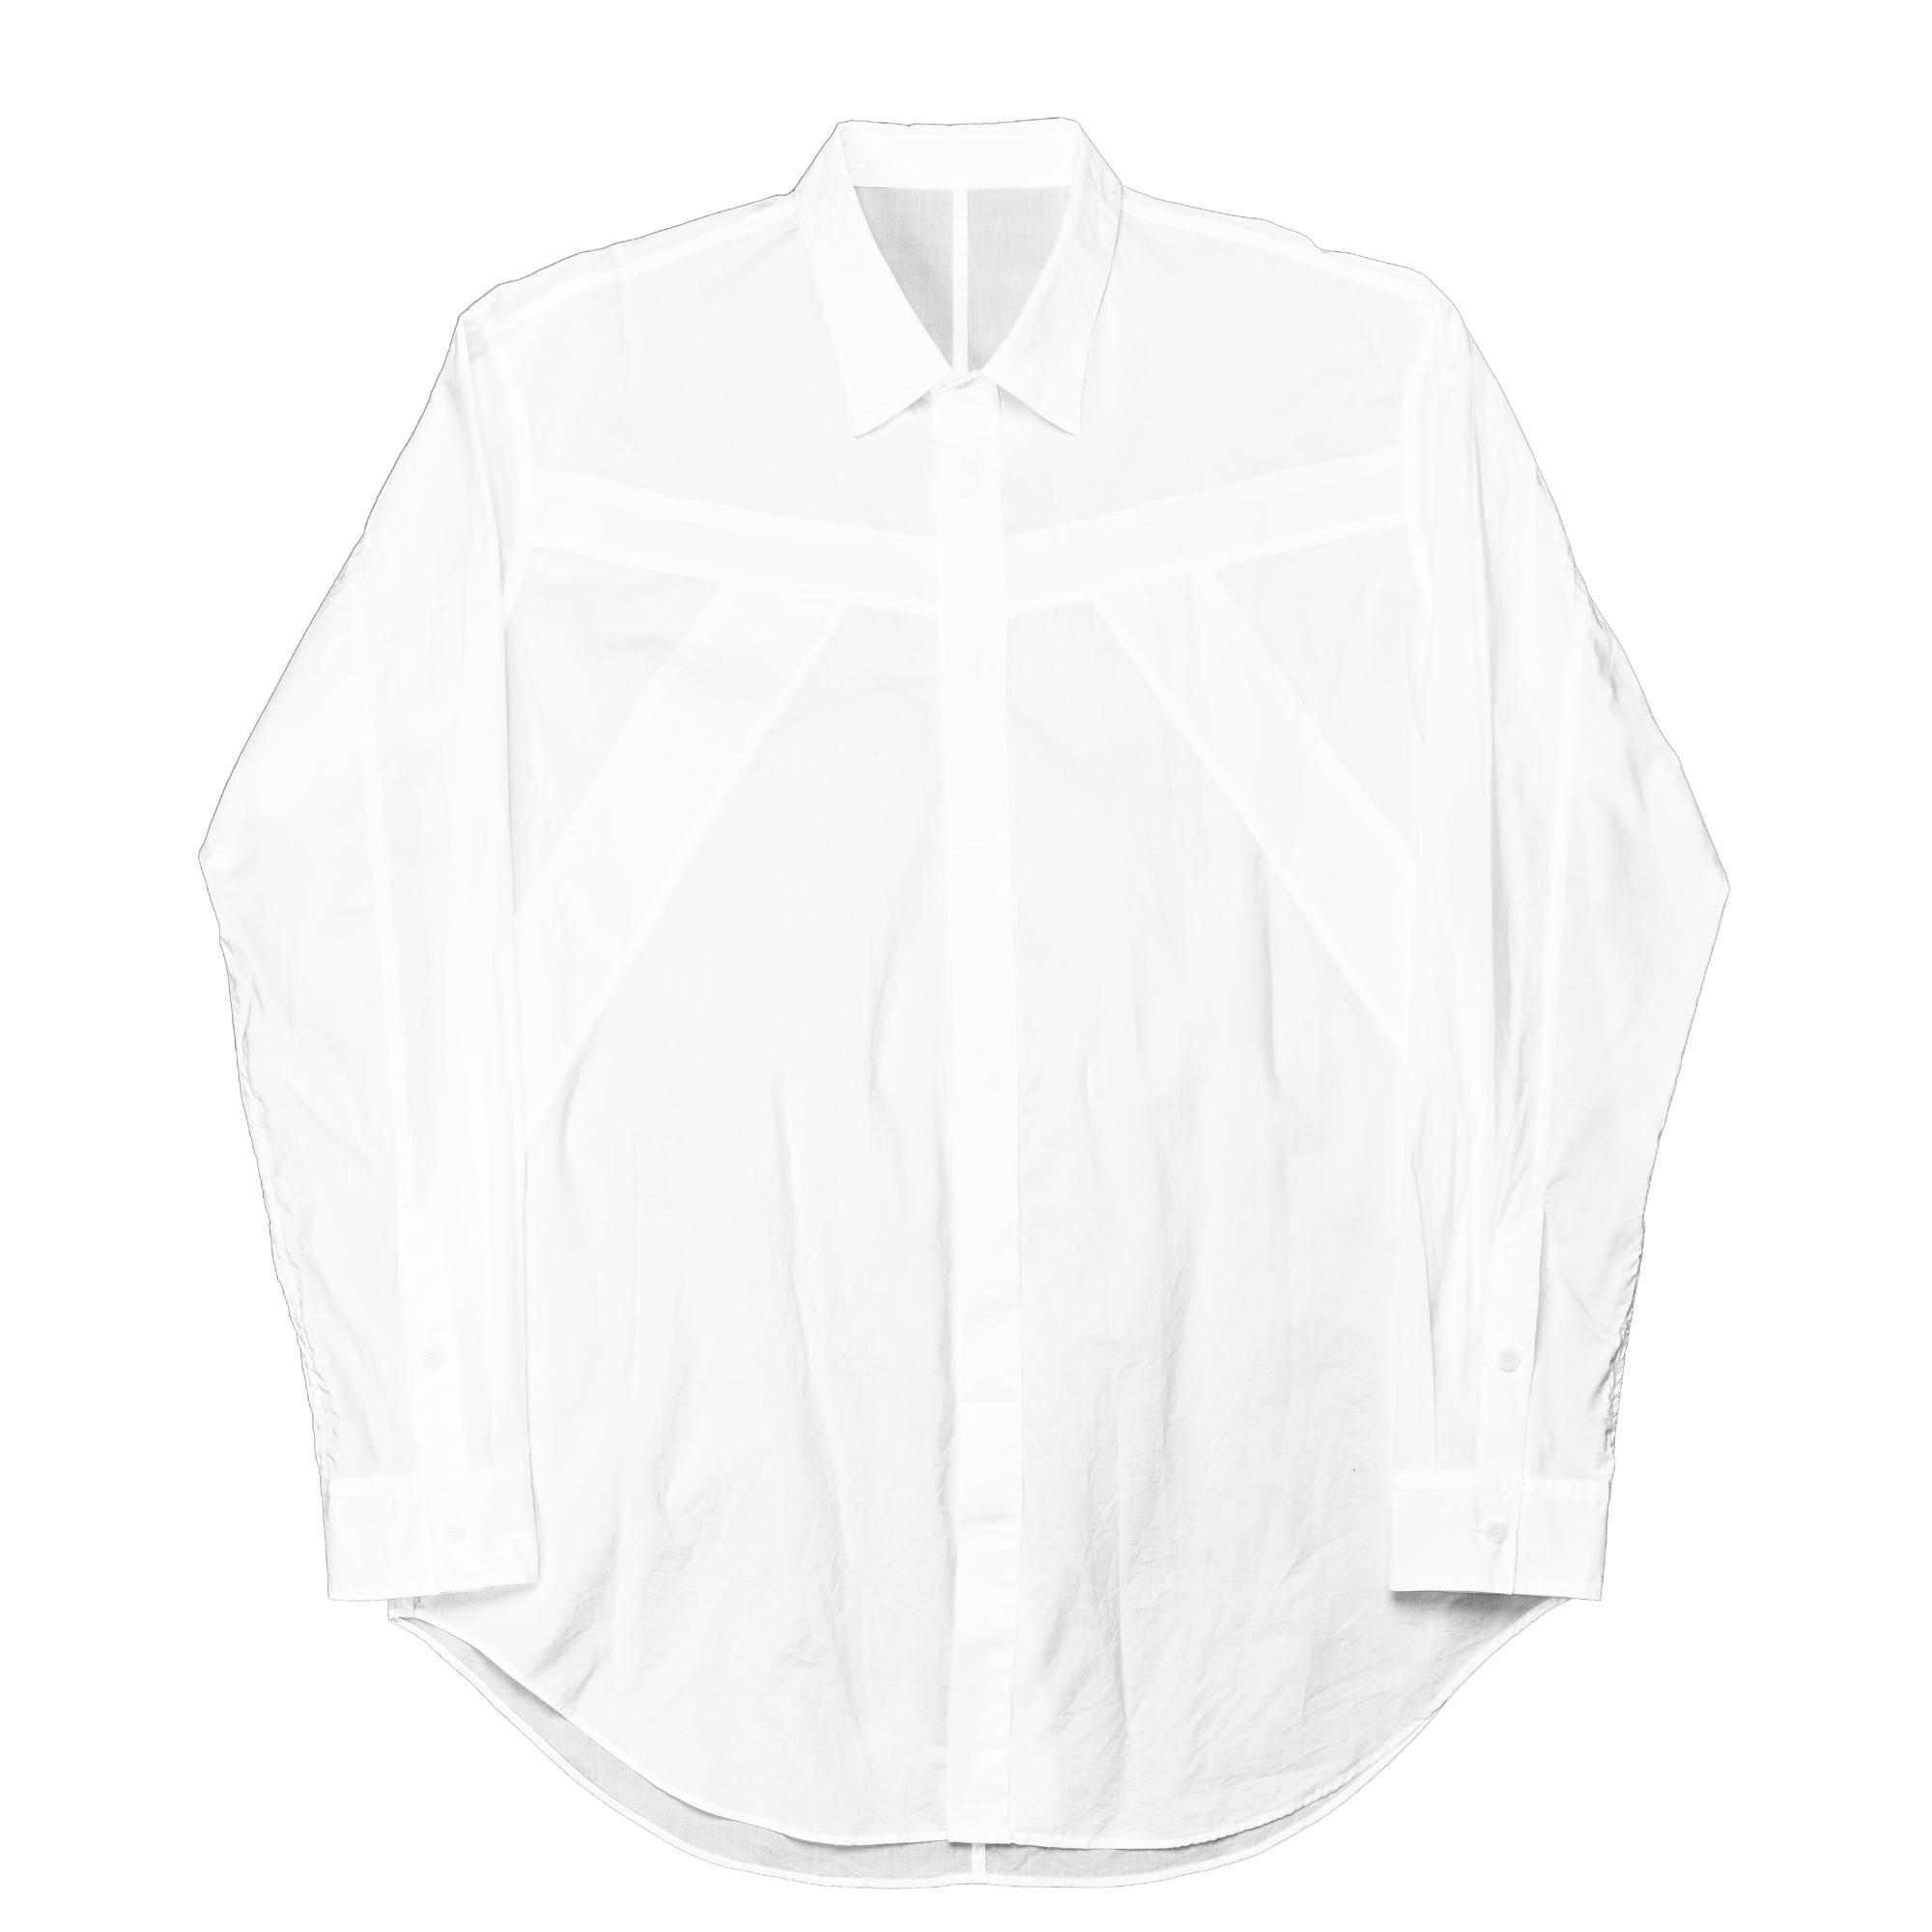 647SHM4-WHITE / シームドシャツ